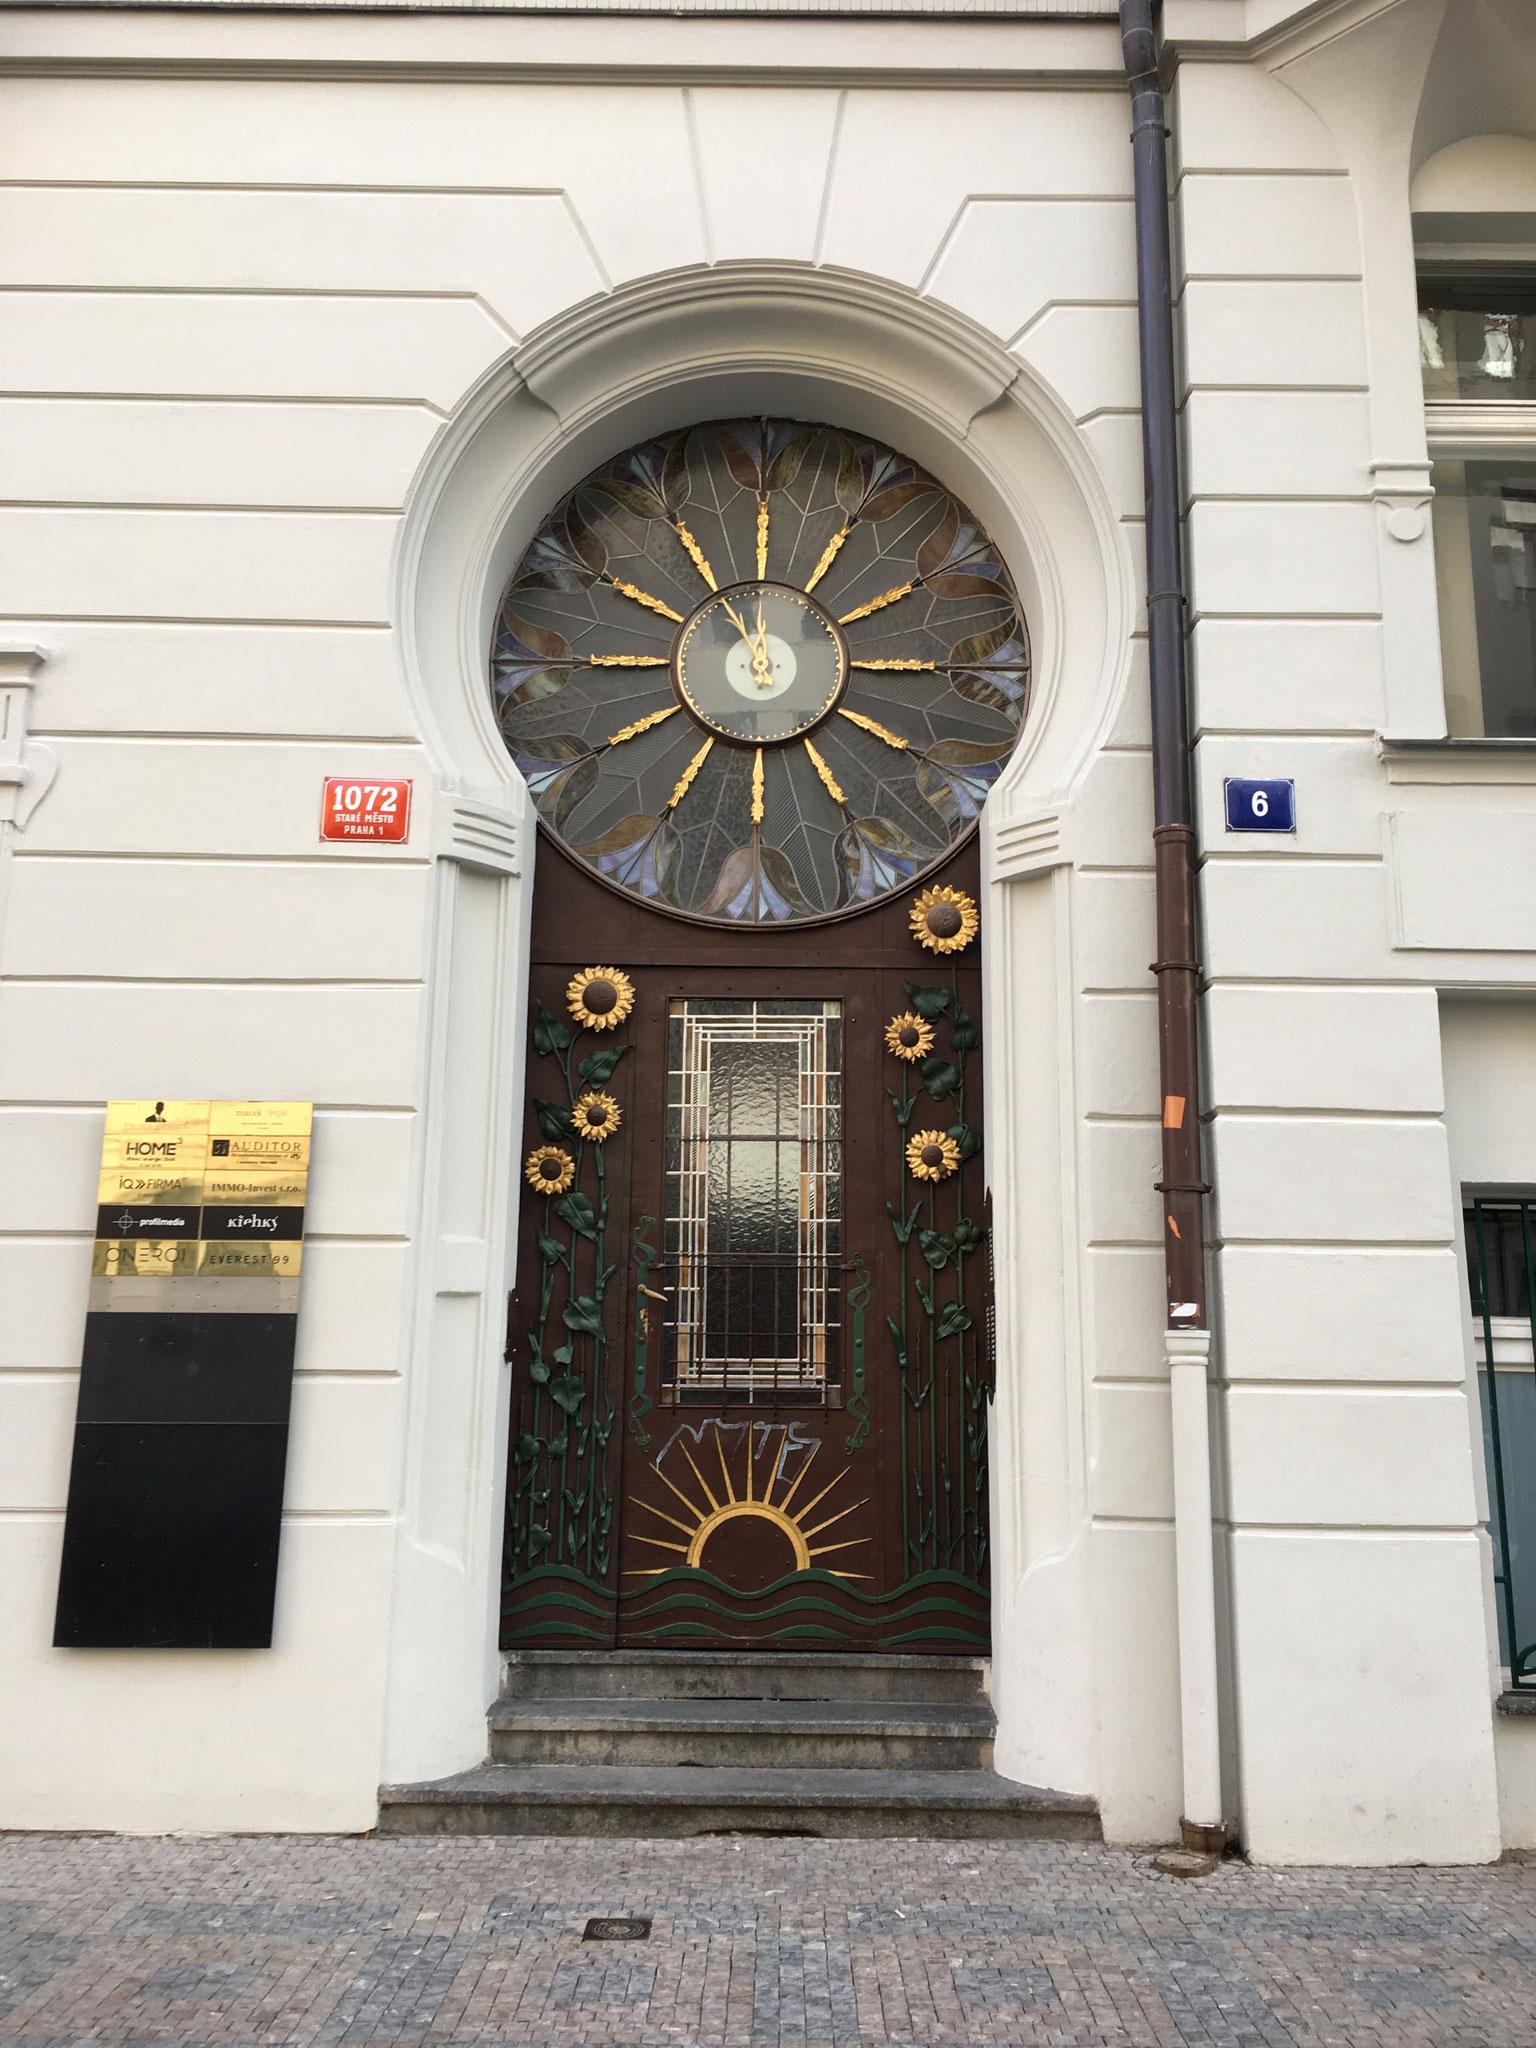 Jugendstil Türe mit Uhr